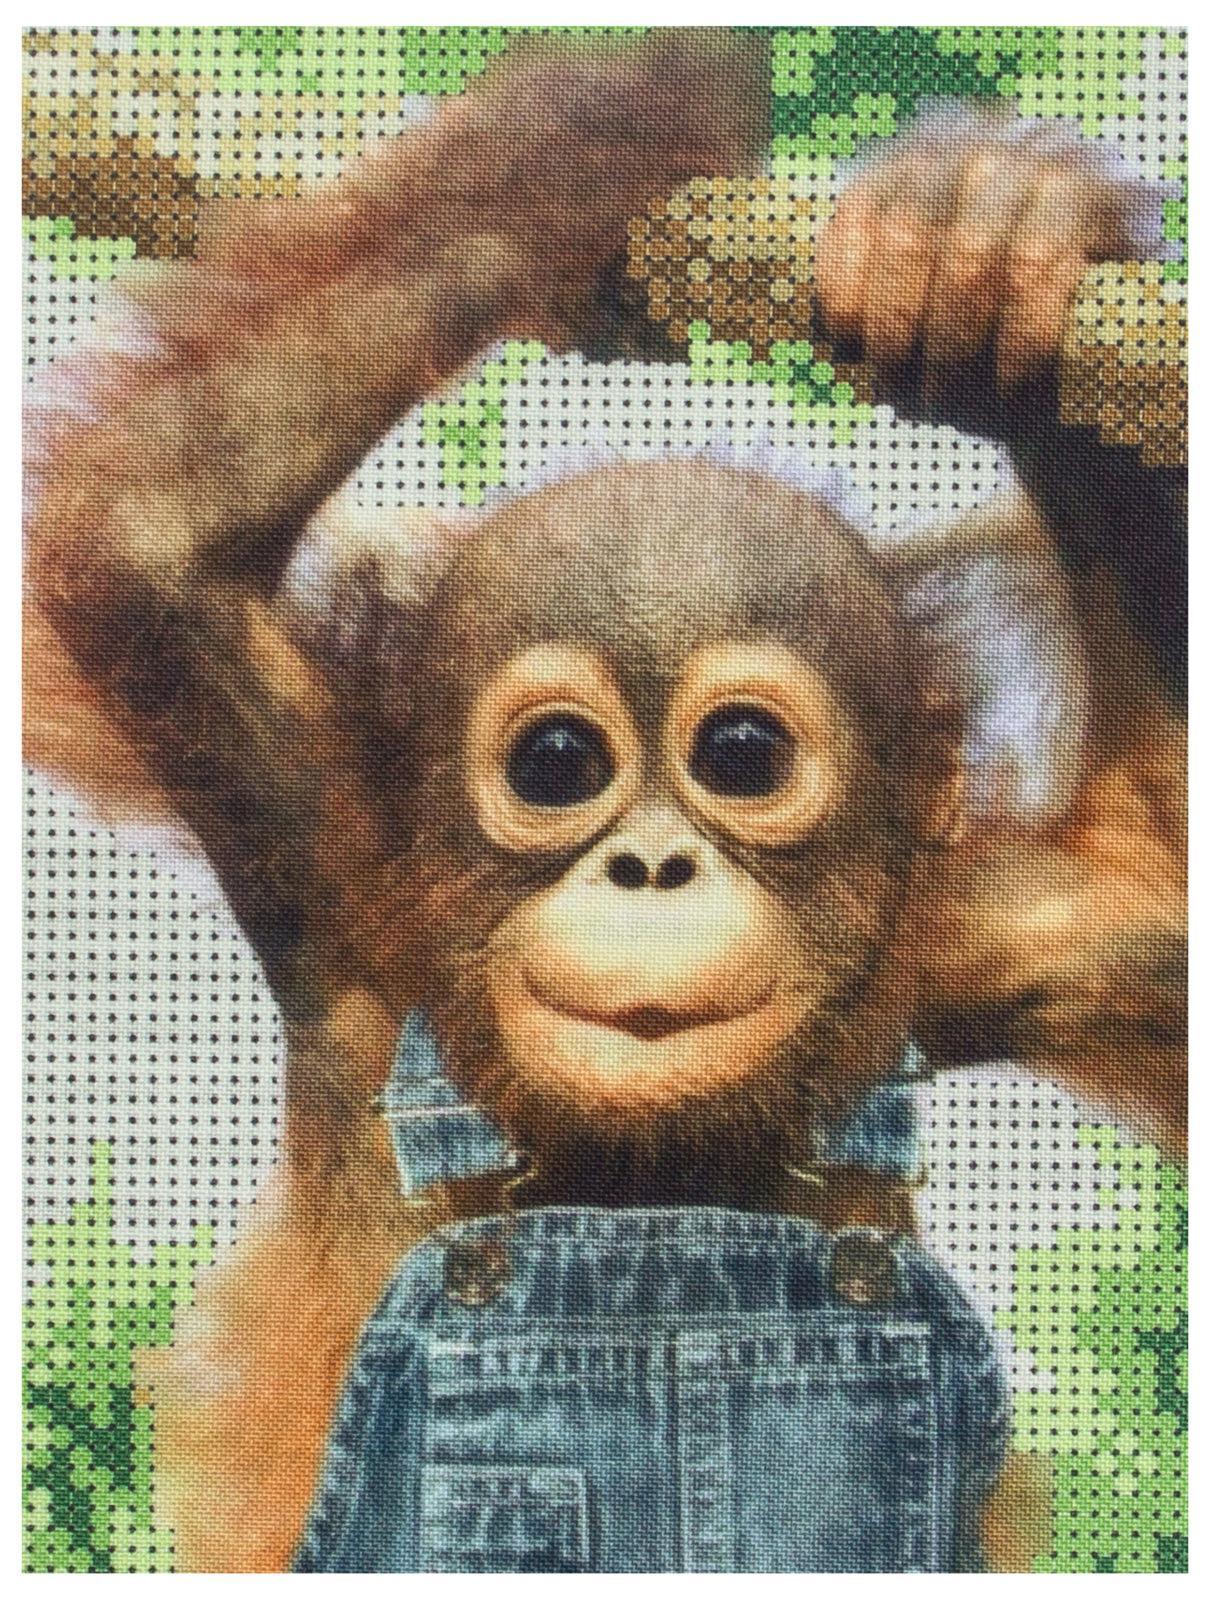 Поздравлениями новым, прикольные картинка с обезьяной